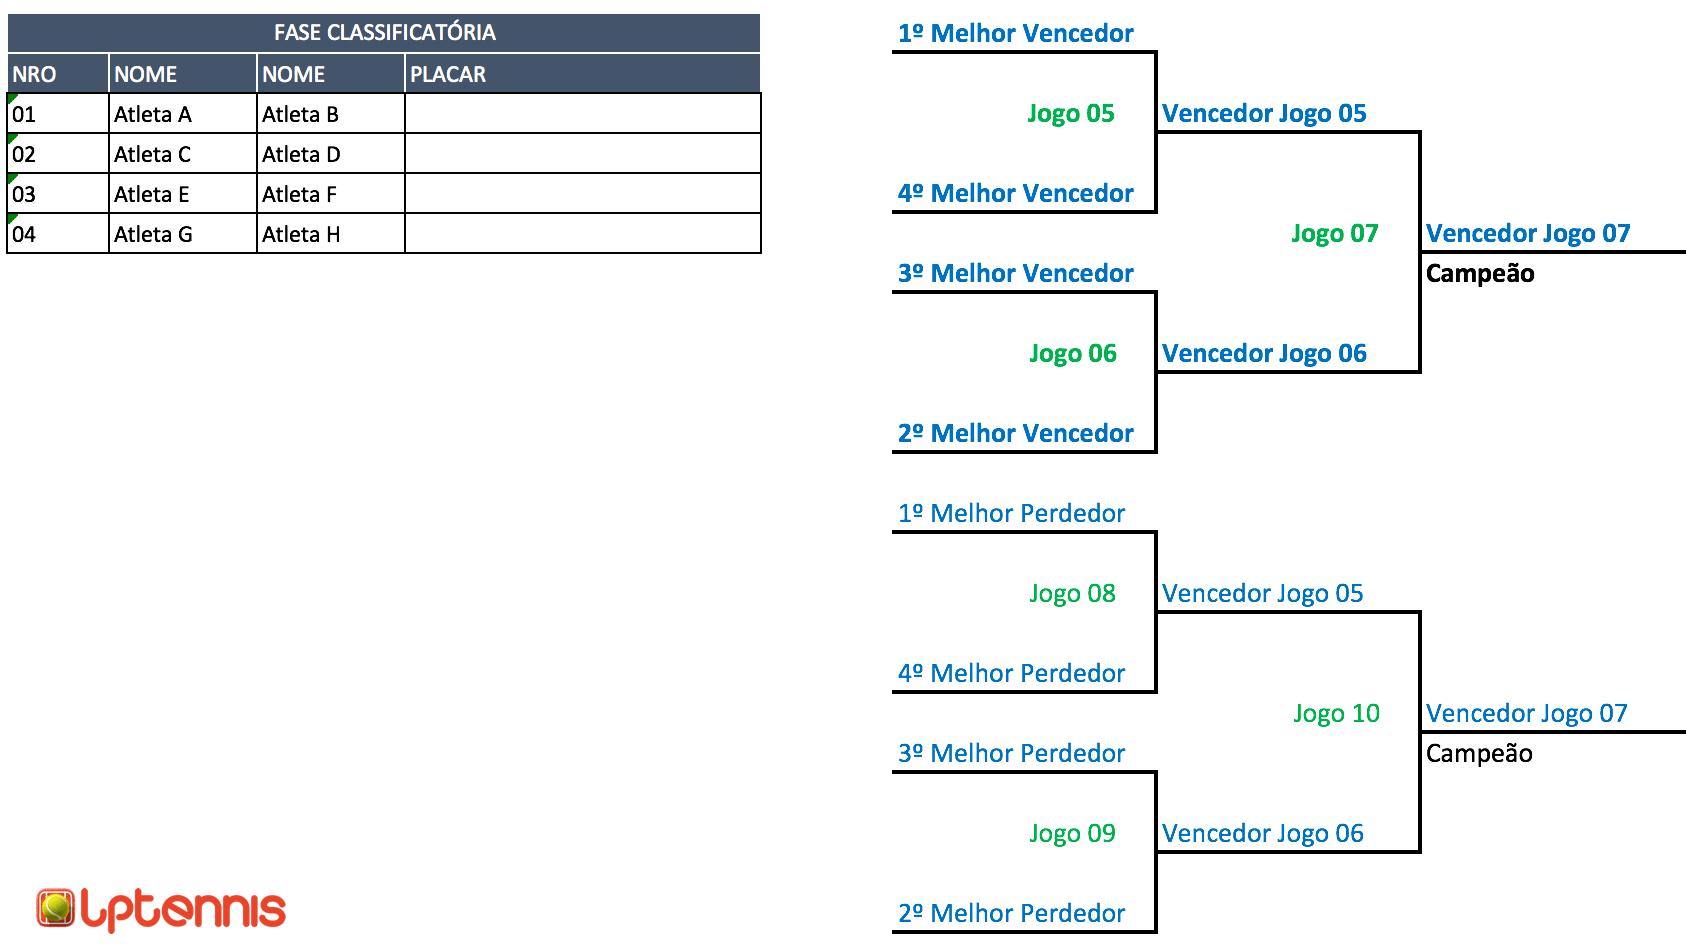 Chave de torneio com classificatória